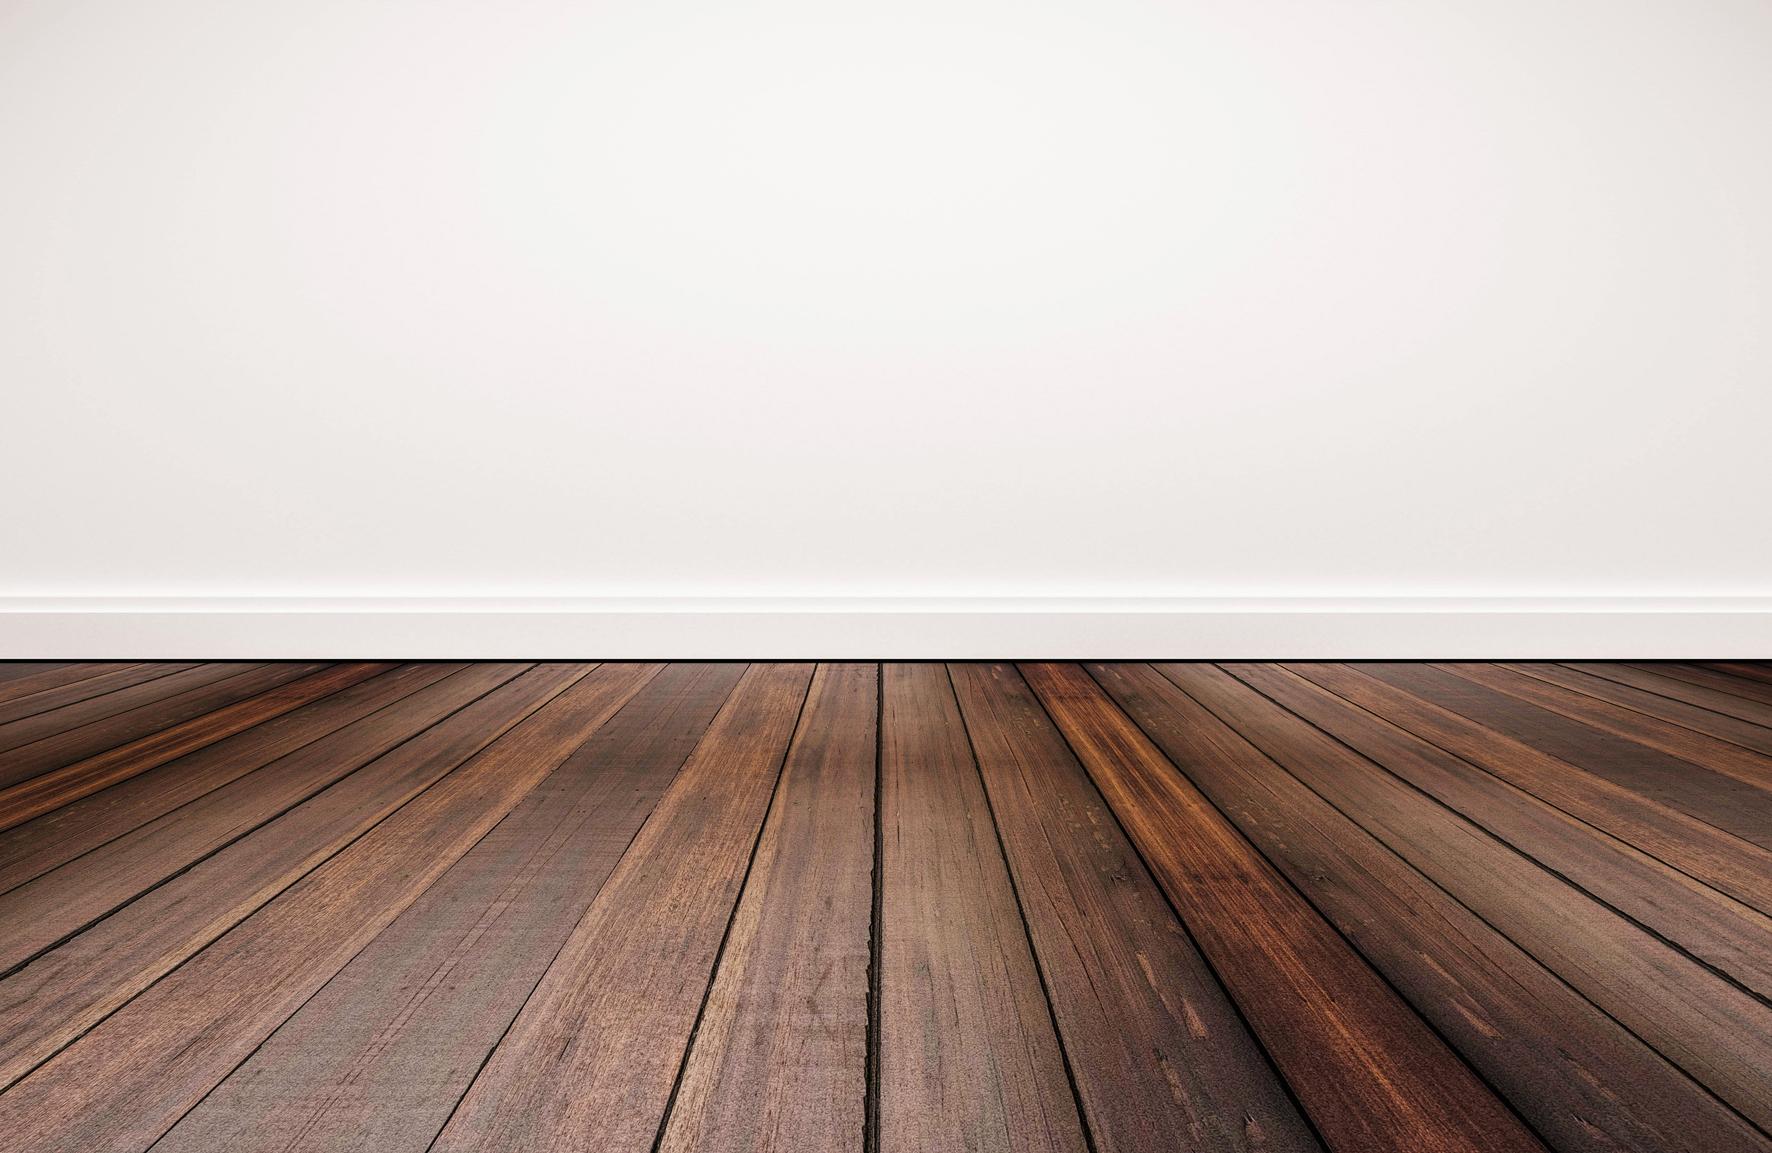 Na dřevo nepoužívejte agresivní přípravky: žádné silně alkalické přípravky ani rozpouštědla. A žádnou drátěnku nebo rejžák…